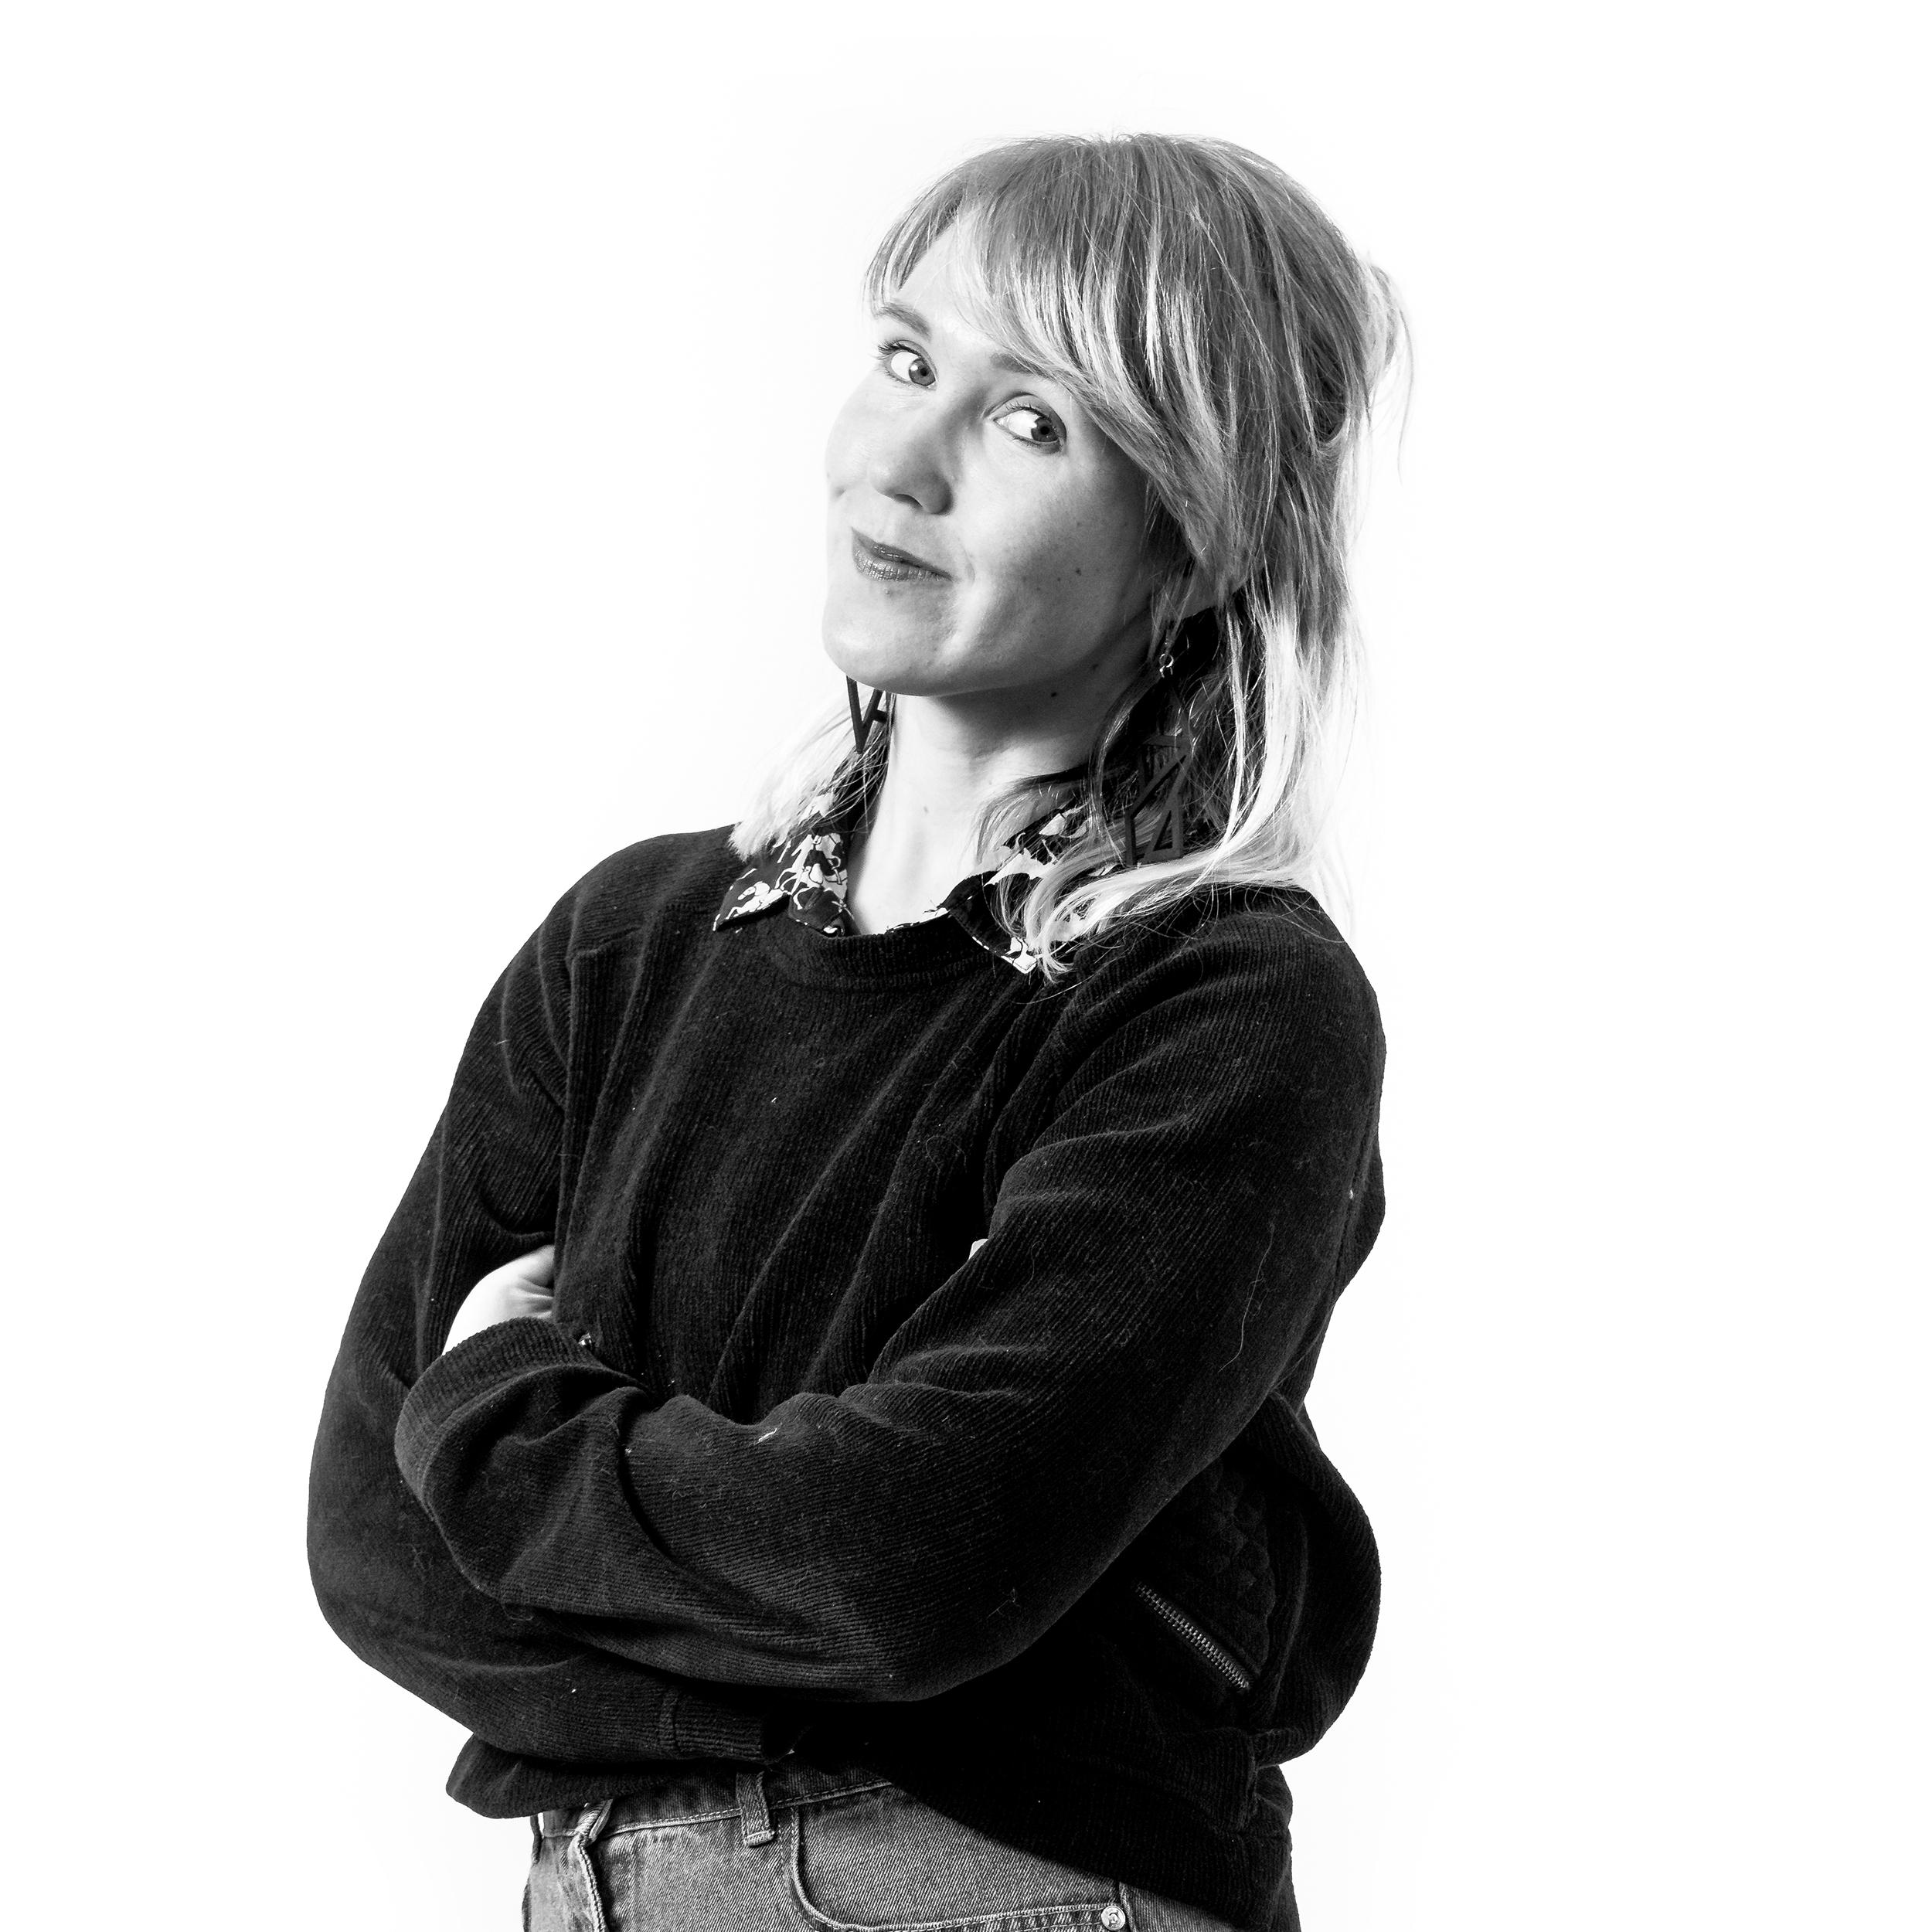 Image showing Maija Lehmuslehto